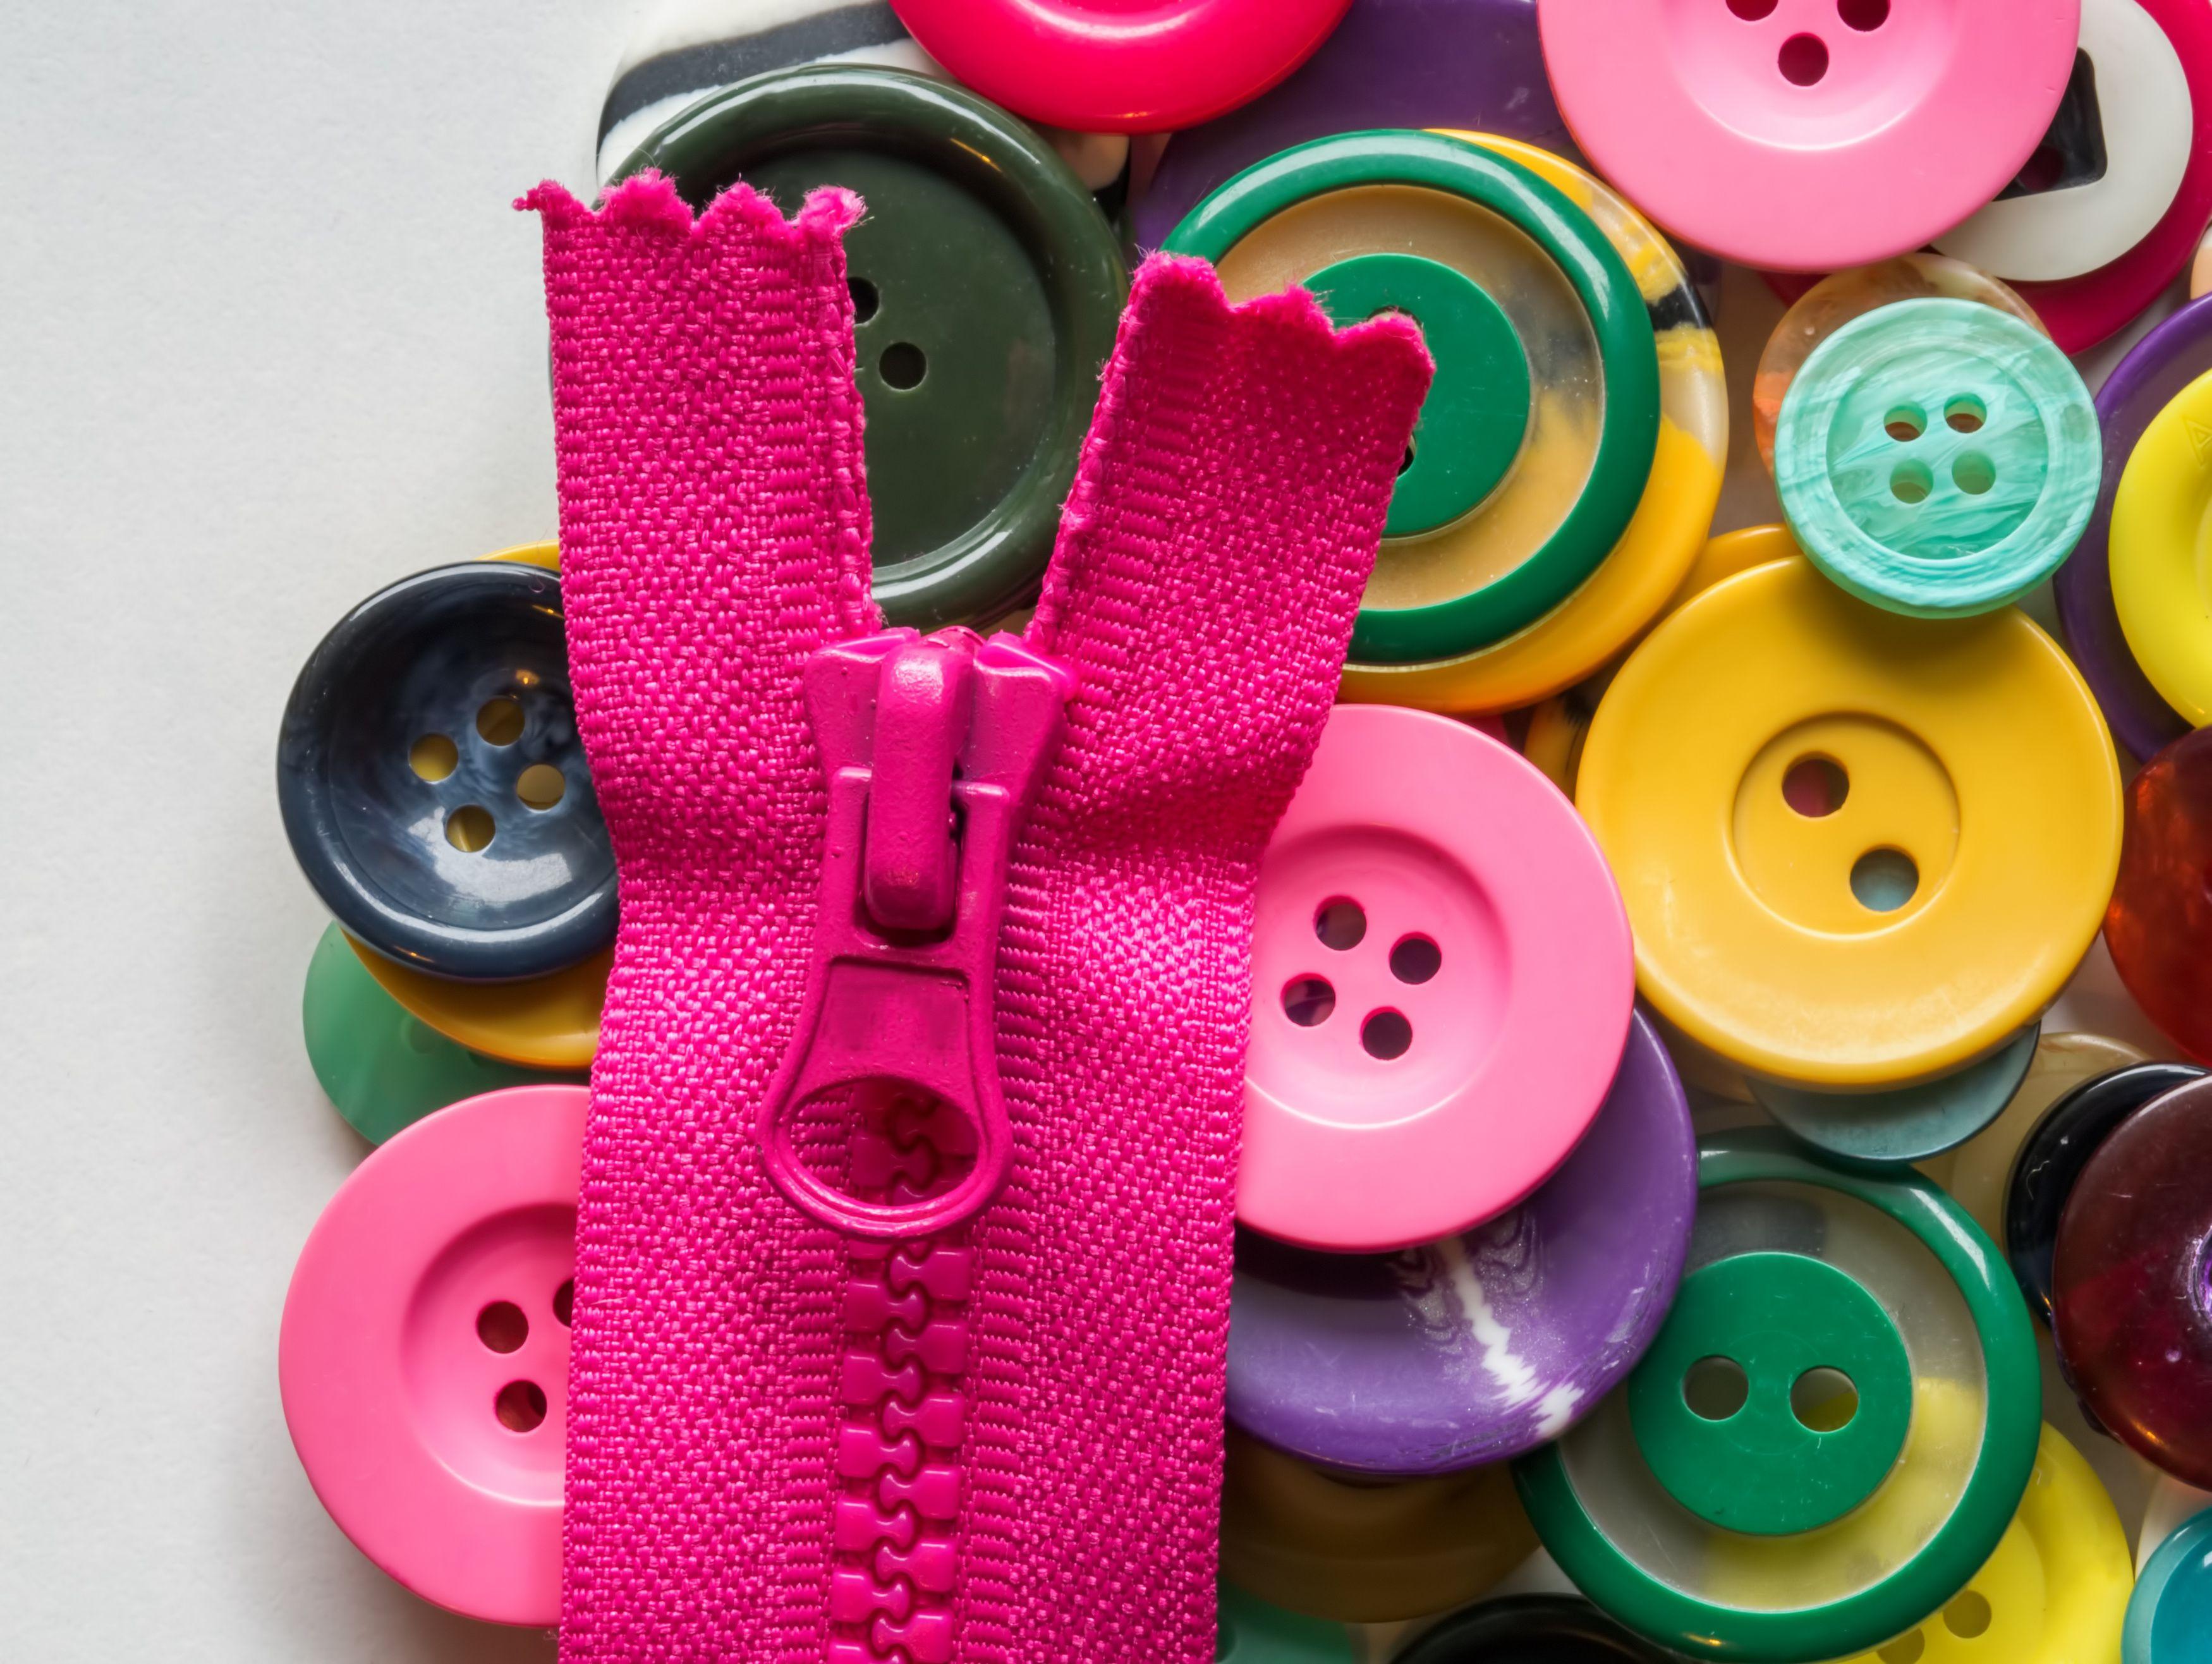 Zipper Basics - Centered 1 of 4